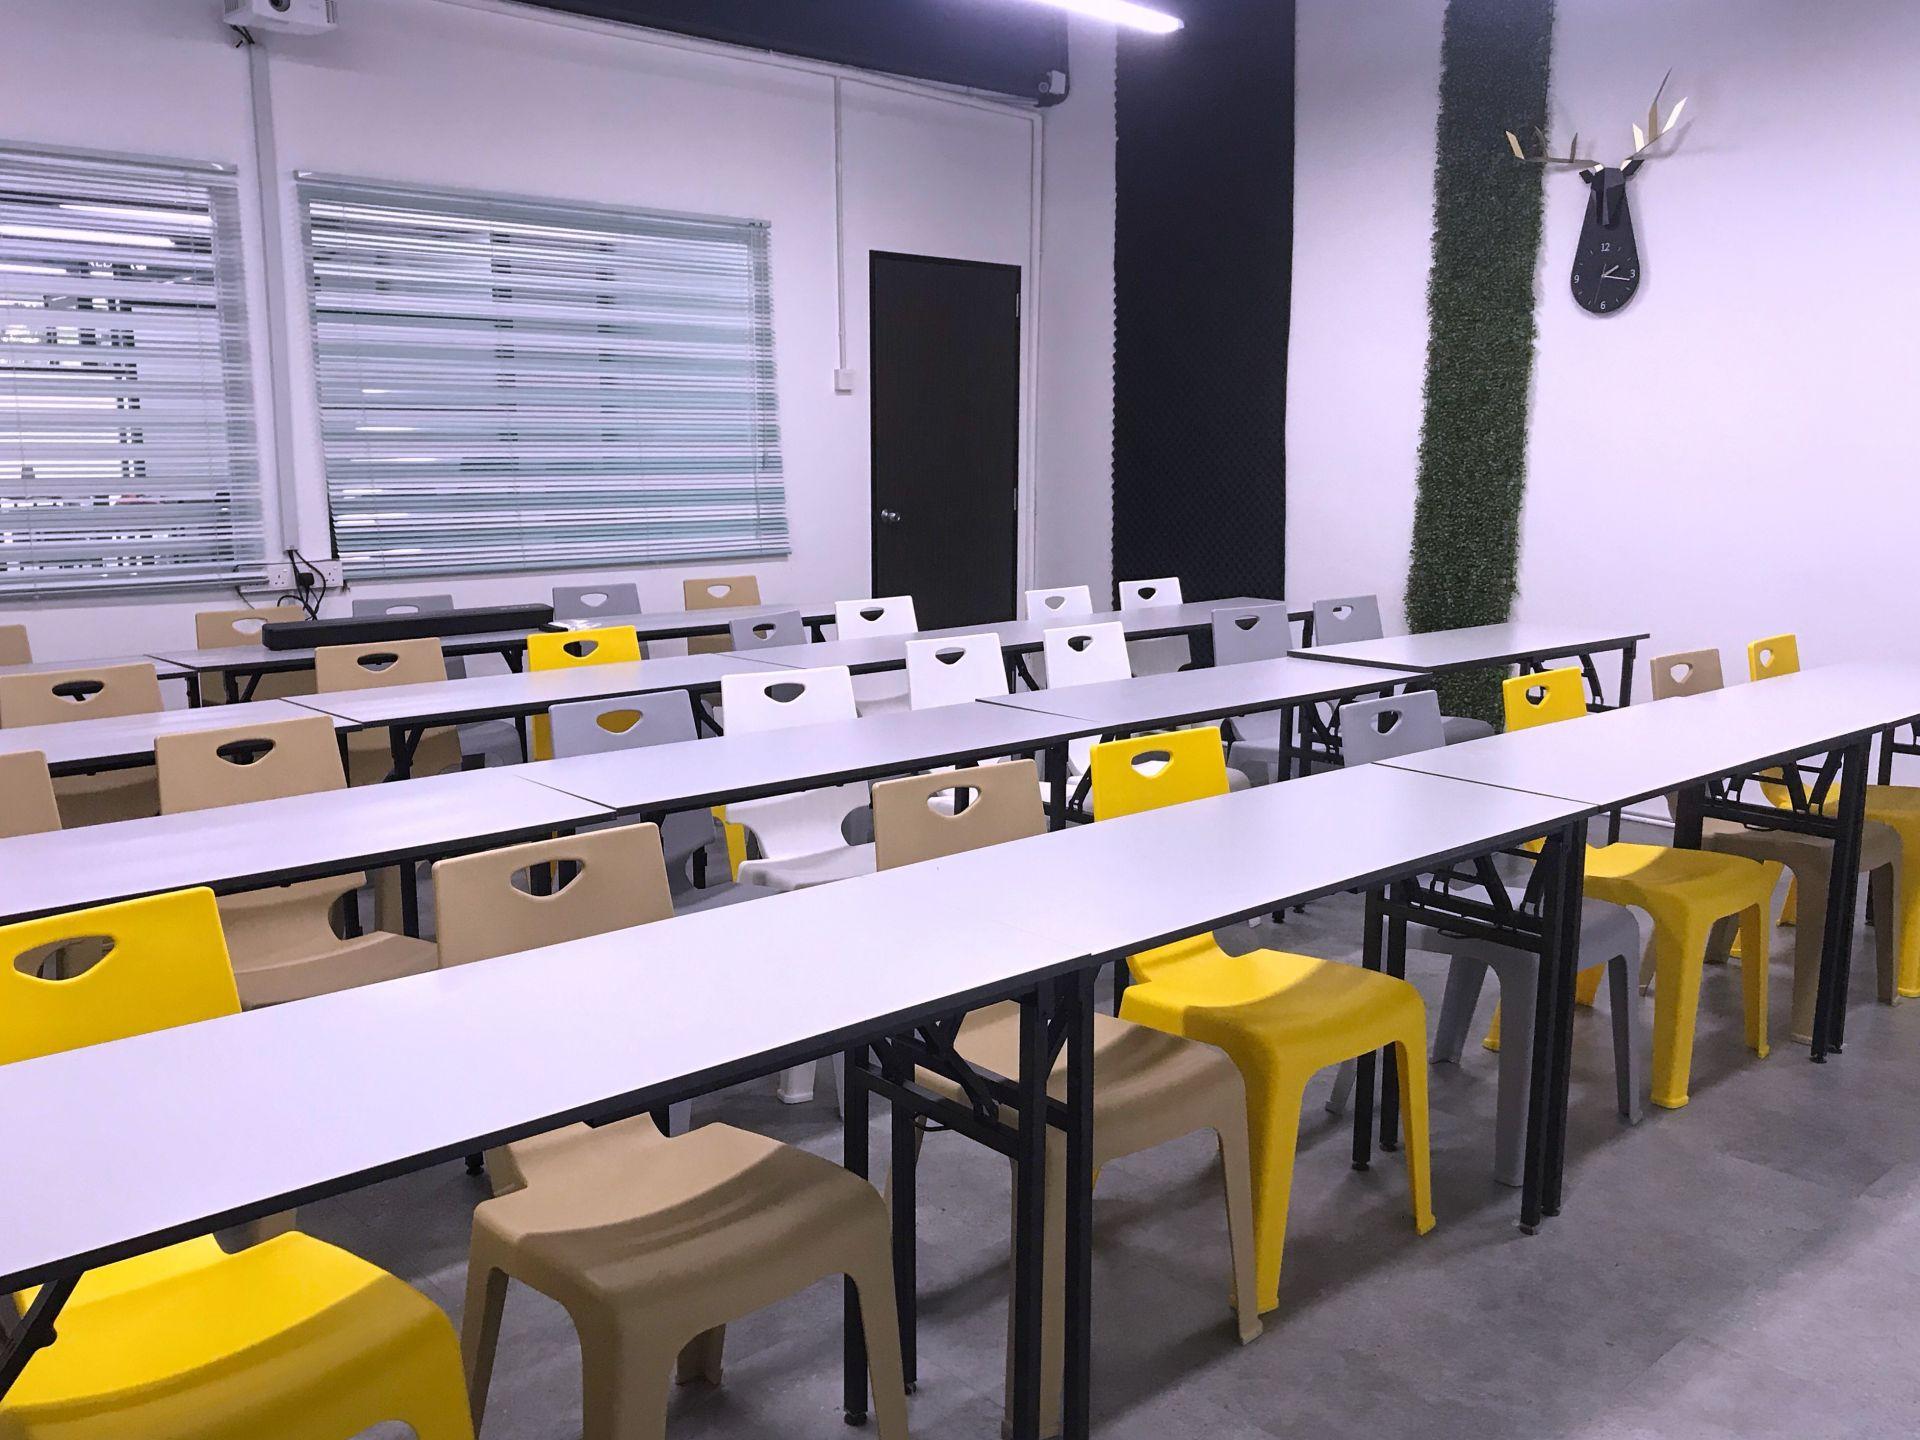 Workshop Area, Bayan Lepas